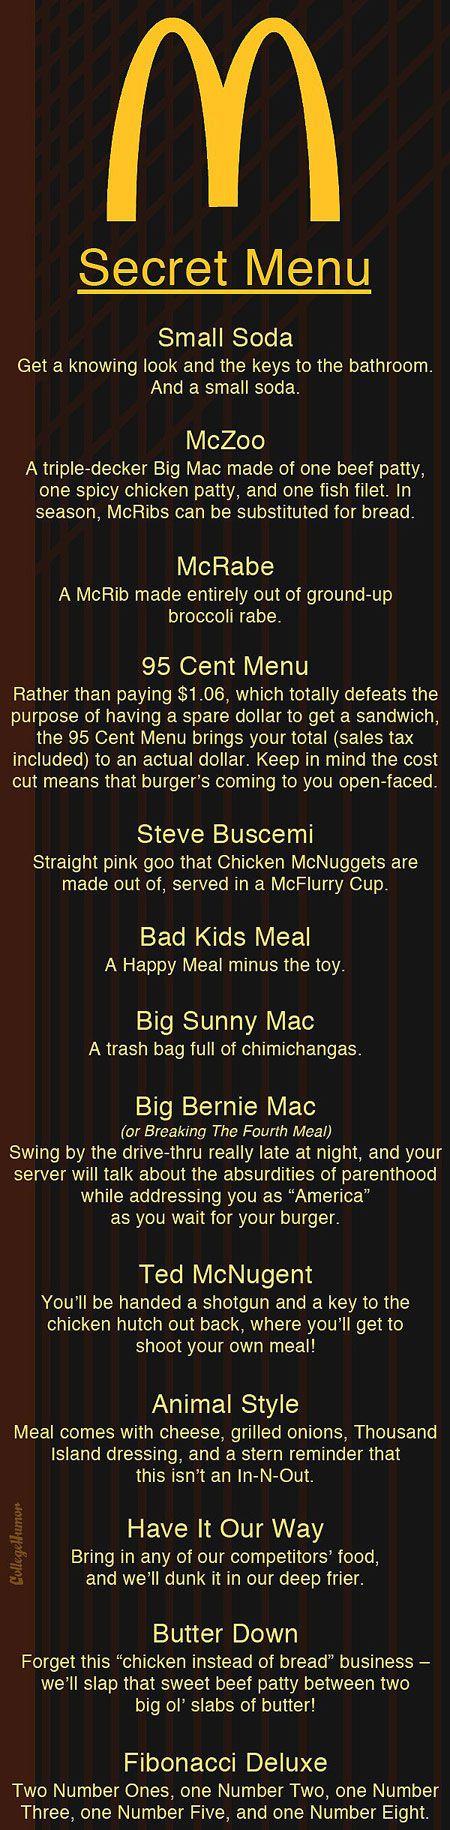 McDonald's Secret menu....